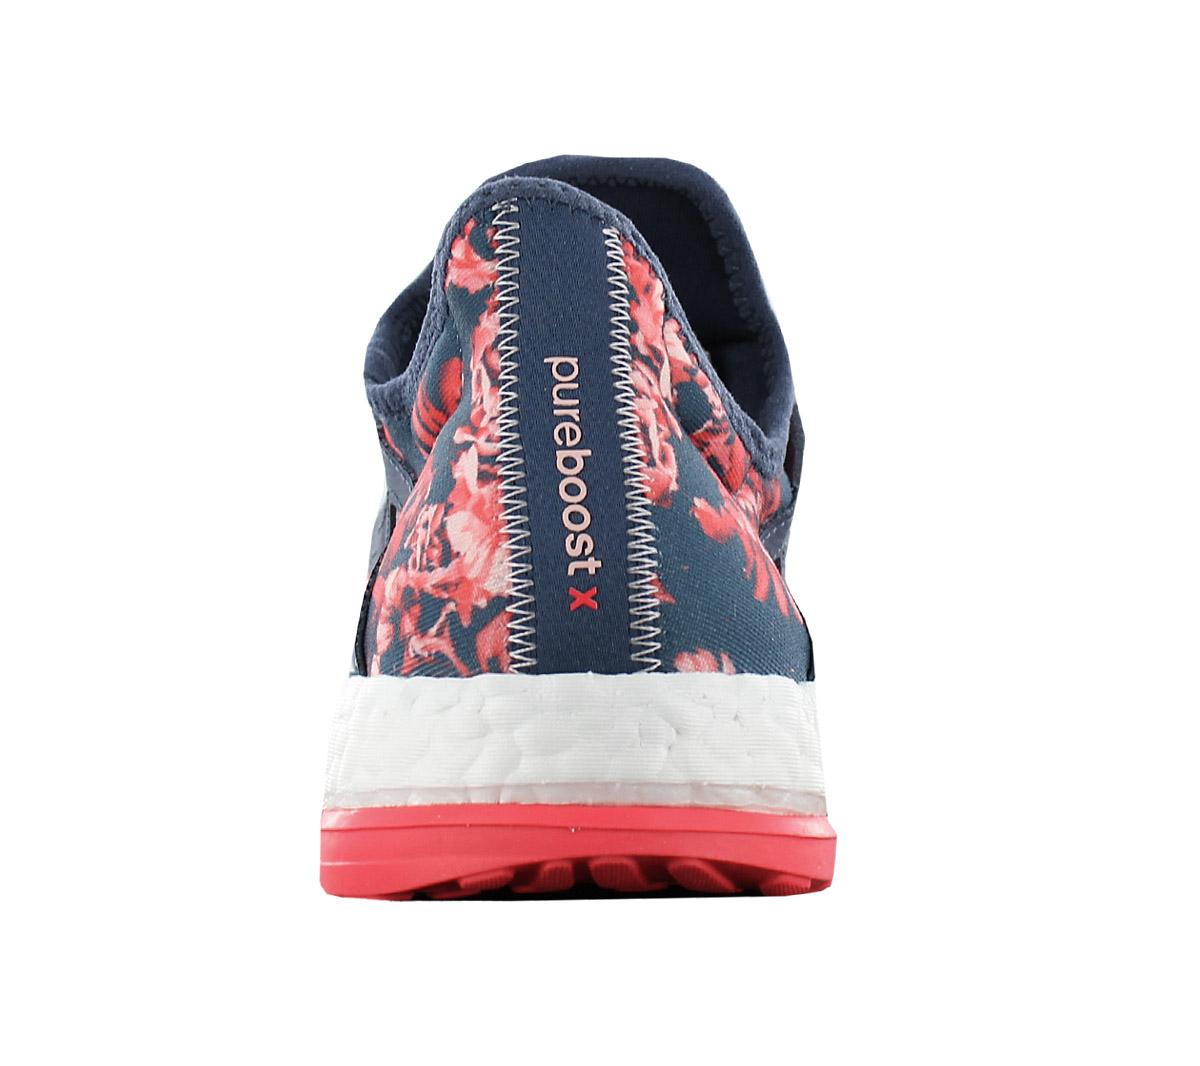 san francisco 9c7db ef575 Style  adidas Pureboost X AQ6682